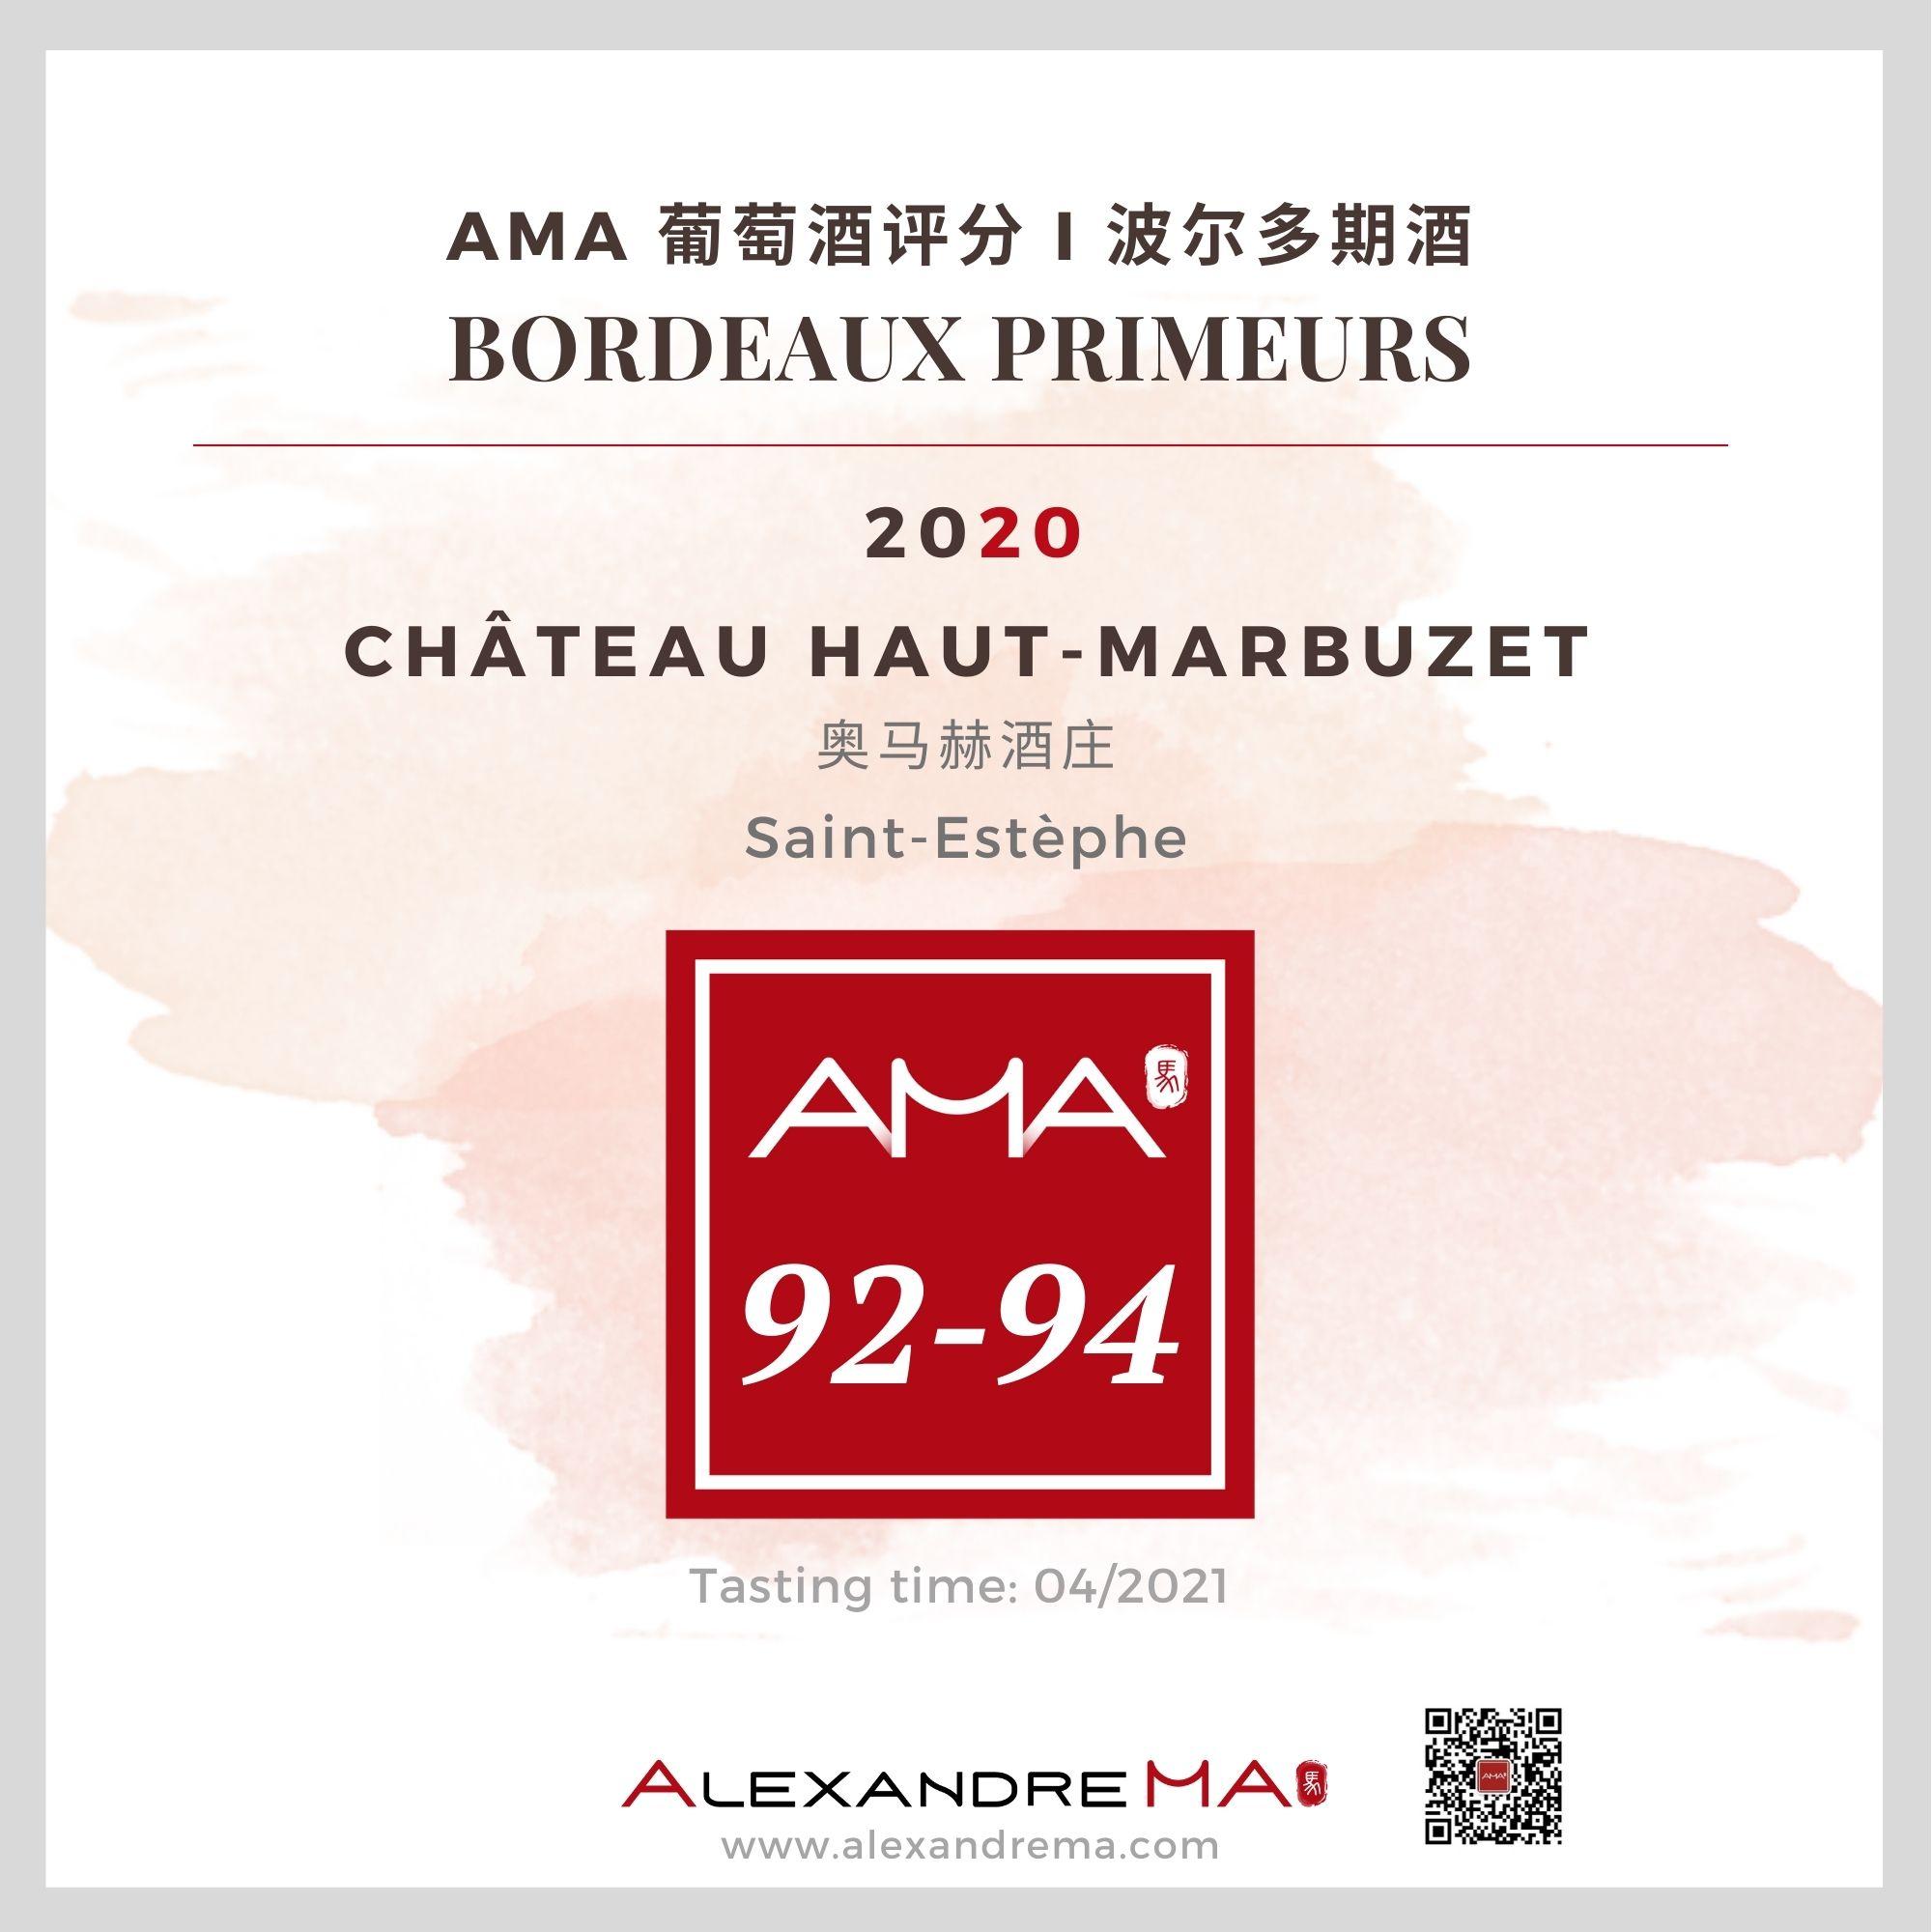 Château Haut-Marbuzet 2020 - Alexandre MA